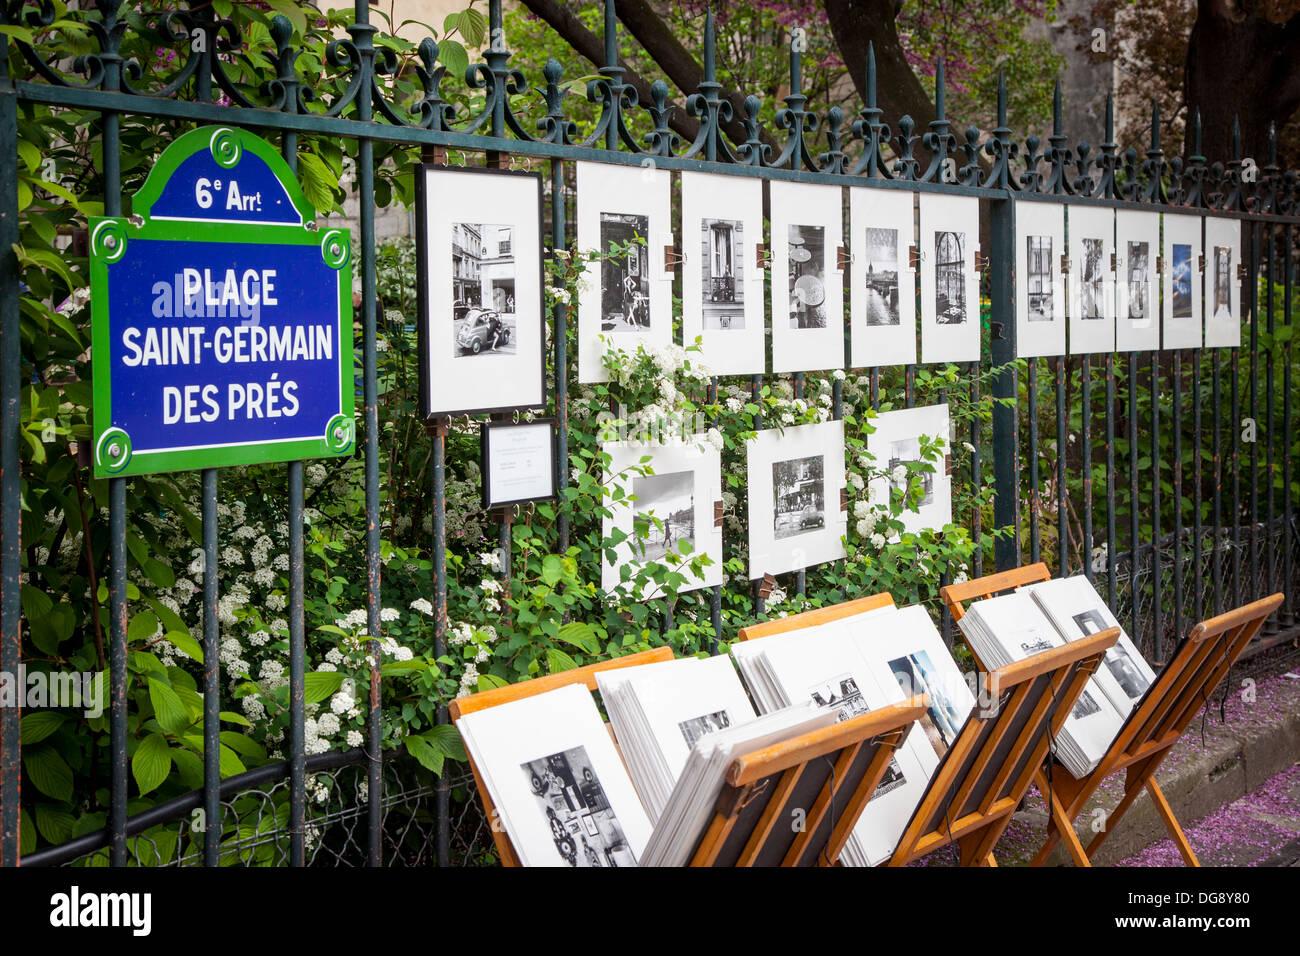 Der Fotograf druckt auf Anzeige zusammen einen Schmiedeeisernen Zaun in St. Germain des Pres, Paris, Frankreich Stockbild